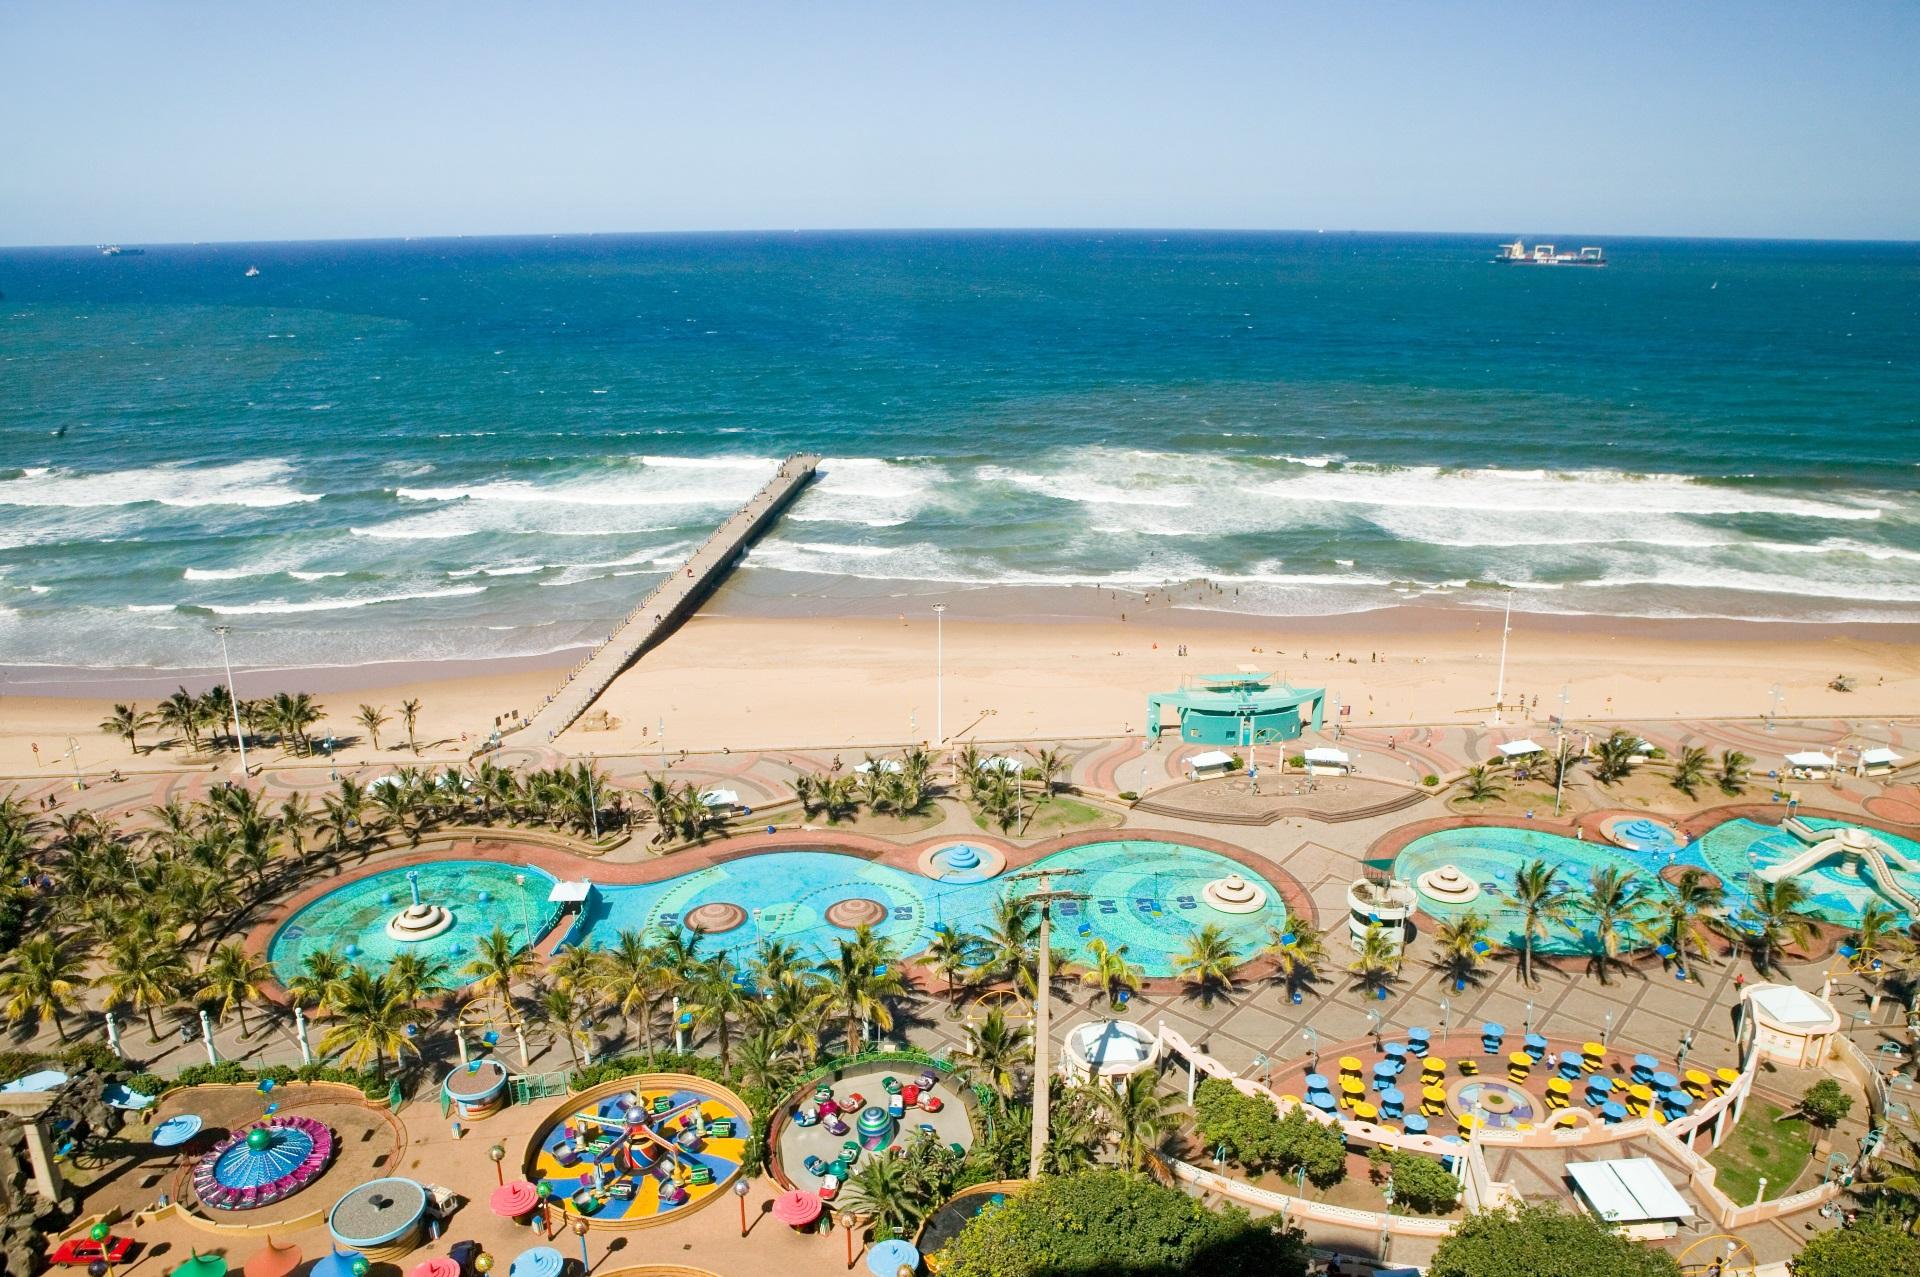 Durban ist ebenfalls für seine Surfspots bekannt. Südafrika Surfurlaub